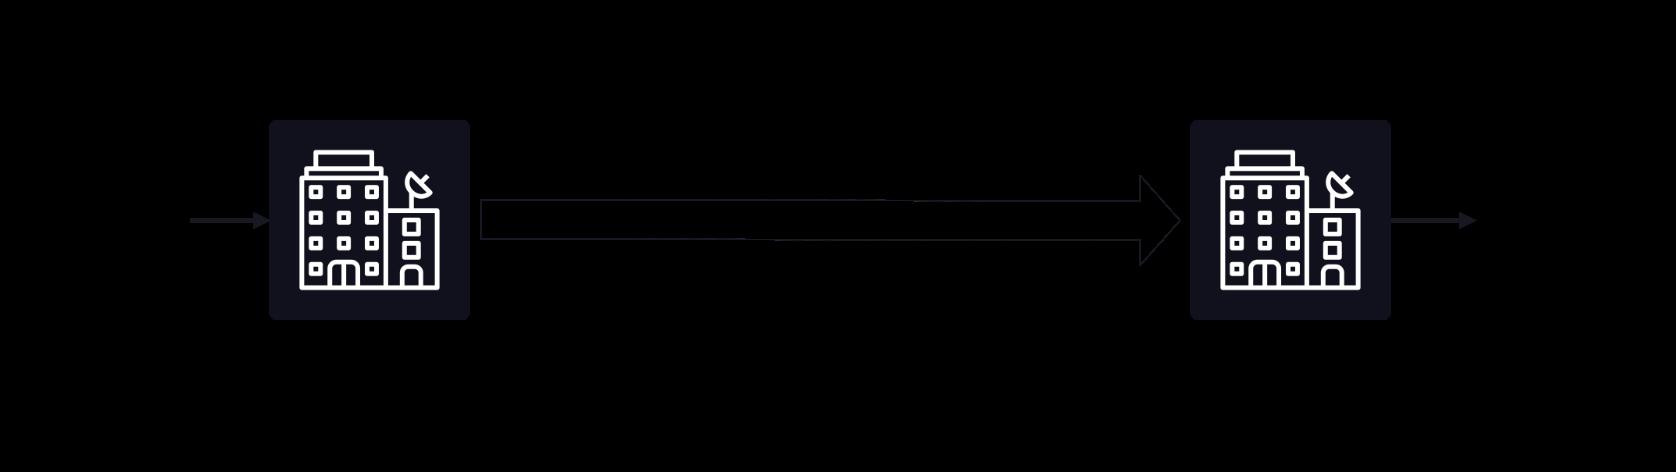 Integration into SD-WAN diagram